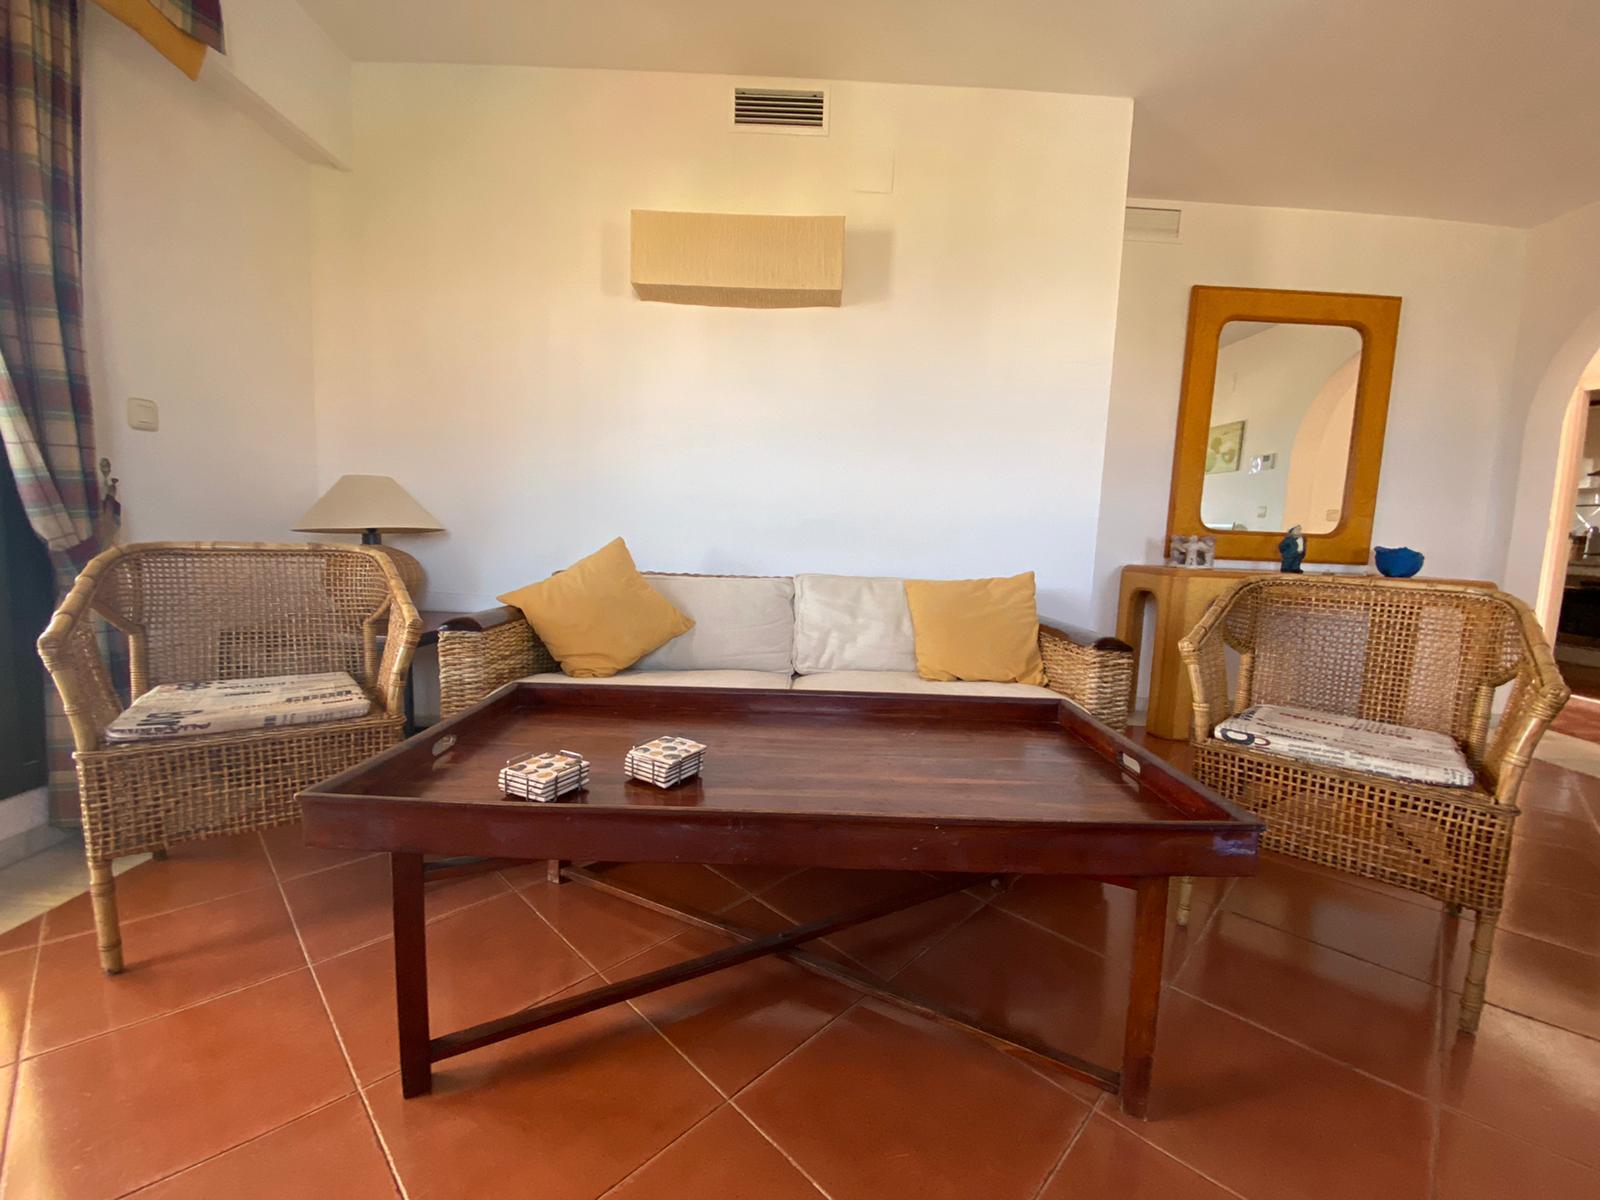 Imagen 14 del Vivienda Turística, Ático 94 (3d+2b), Isla Canela (HUELVA), Avda. de las Codornices nº 24 bloque 1-3